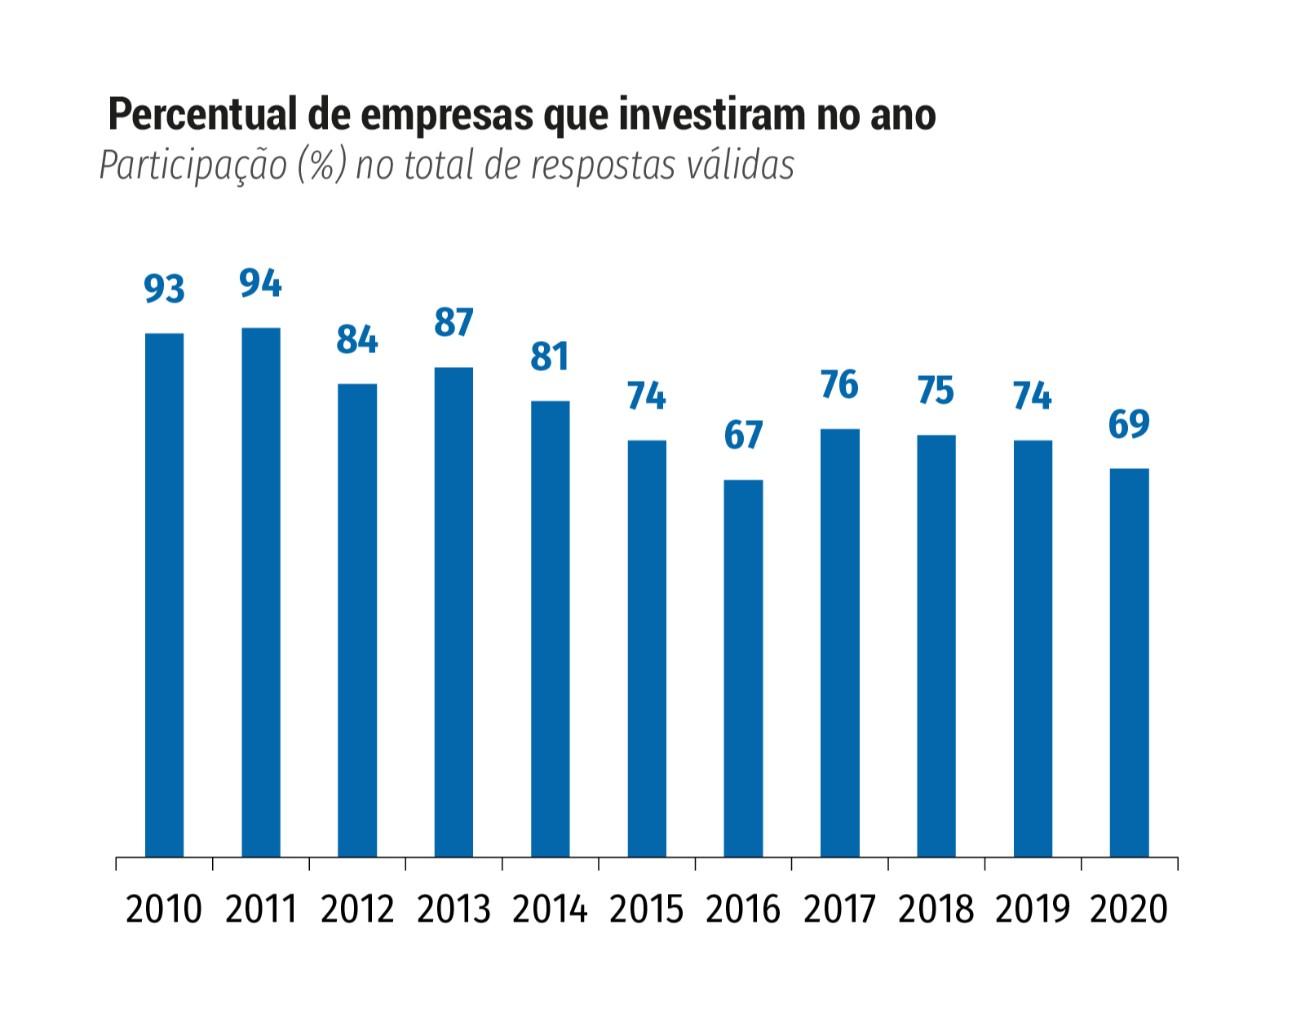 82% das grandes empresas pretendem investir em 2021